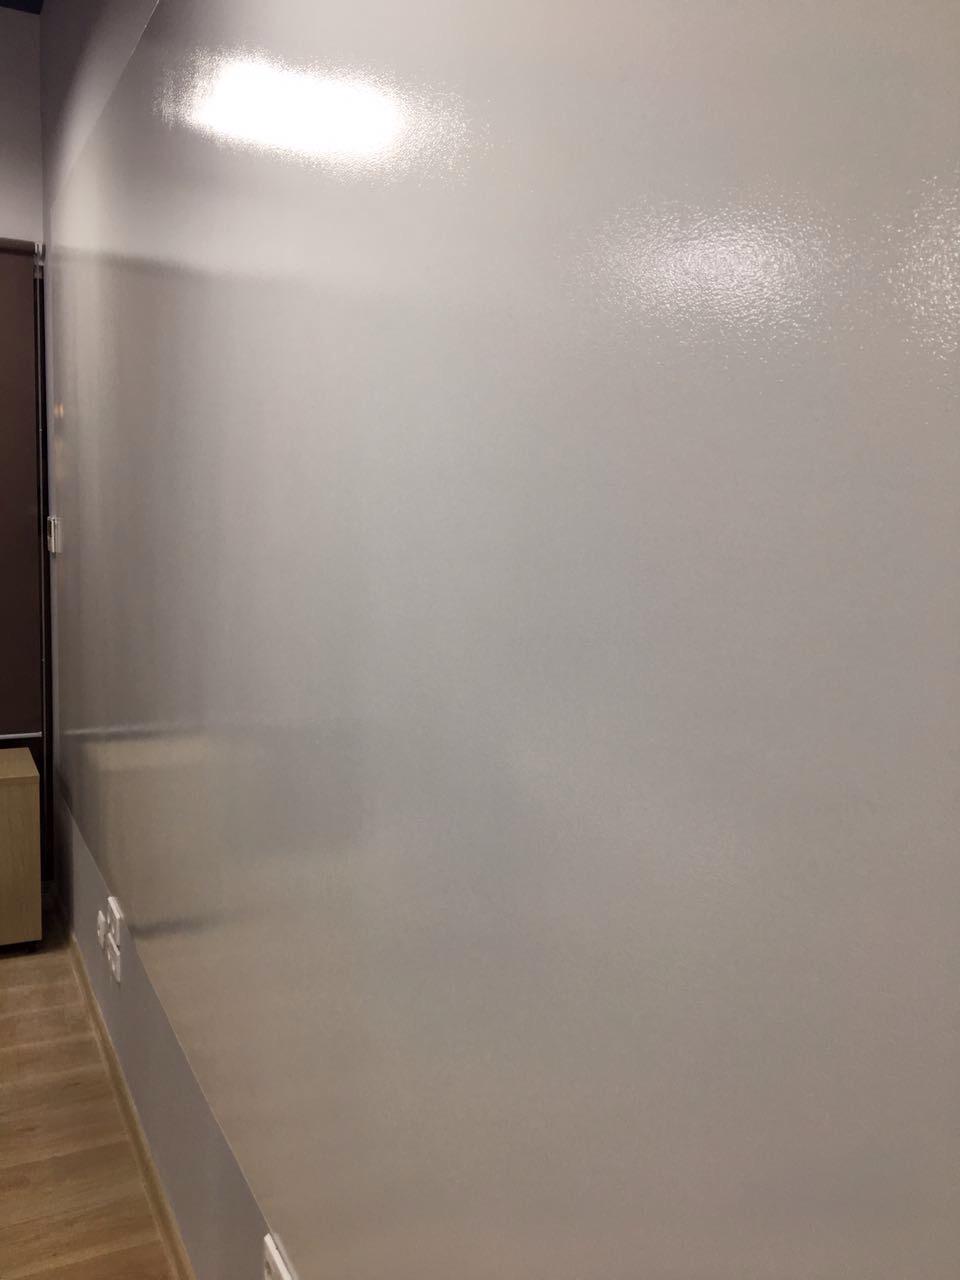 Стена готова для нанесения маркерной краски.